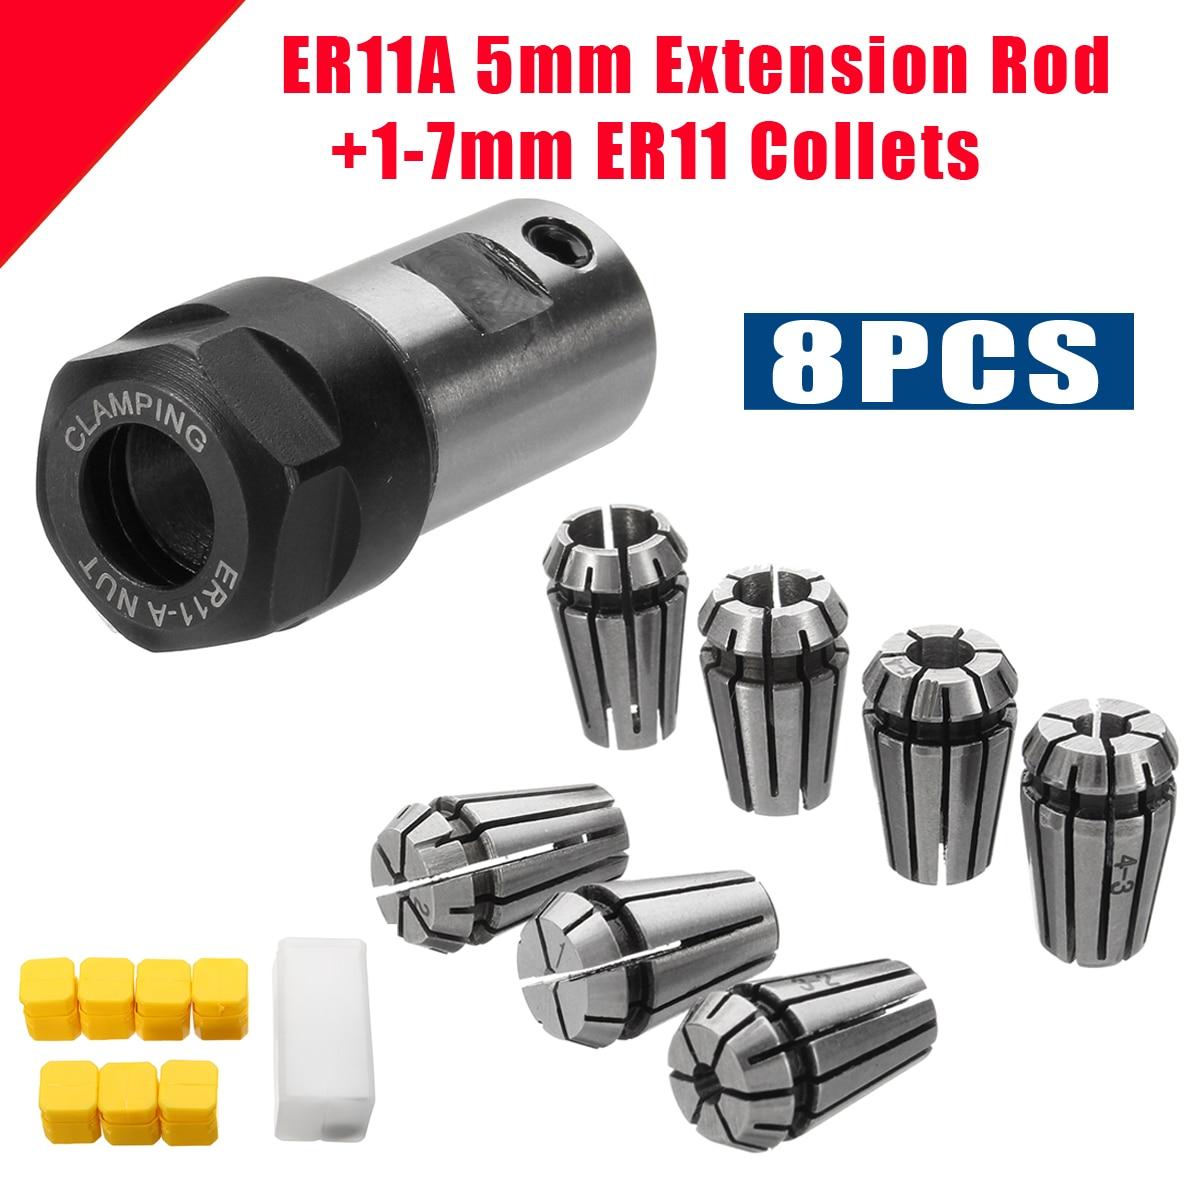 7Pcs High Carbon Steel ER11 Spring Collet ER11A 1/2/3/4/5/6/7mm Set+5mm Extension Rod Motor Shaft Holder For CNC Lathe Engraving7Pcs High Carbon Steel ER11 Spring Collet ER11A 1/2/3/4/5/6/7mm Set+5mm Extension Rod Motor Shaft Holder For CNC Lathe Engraving